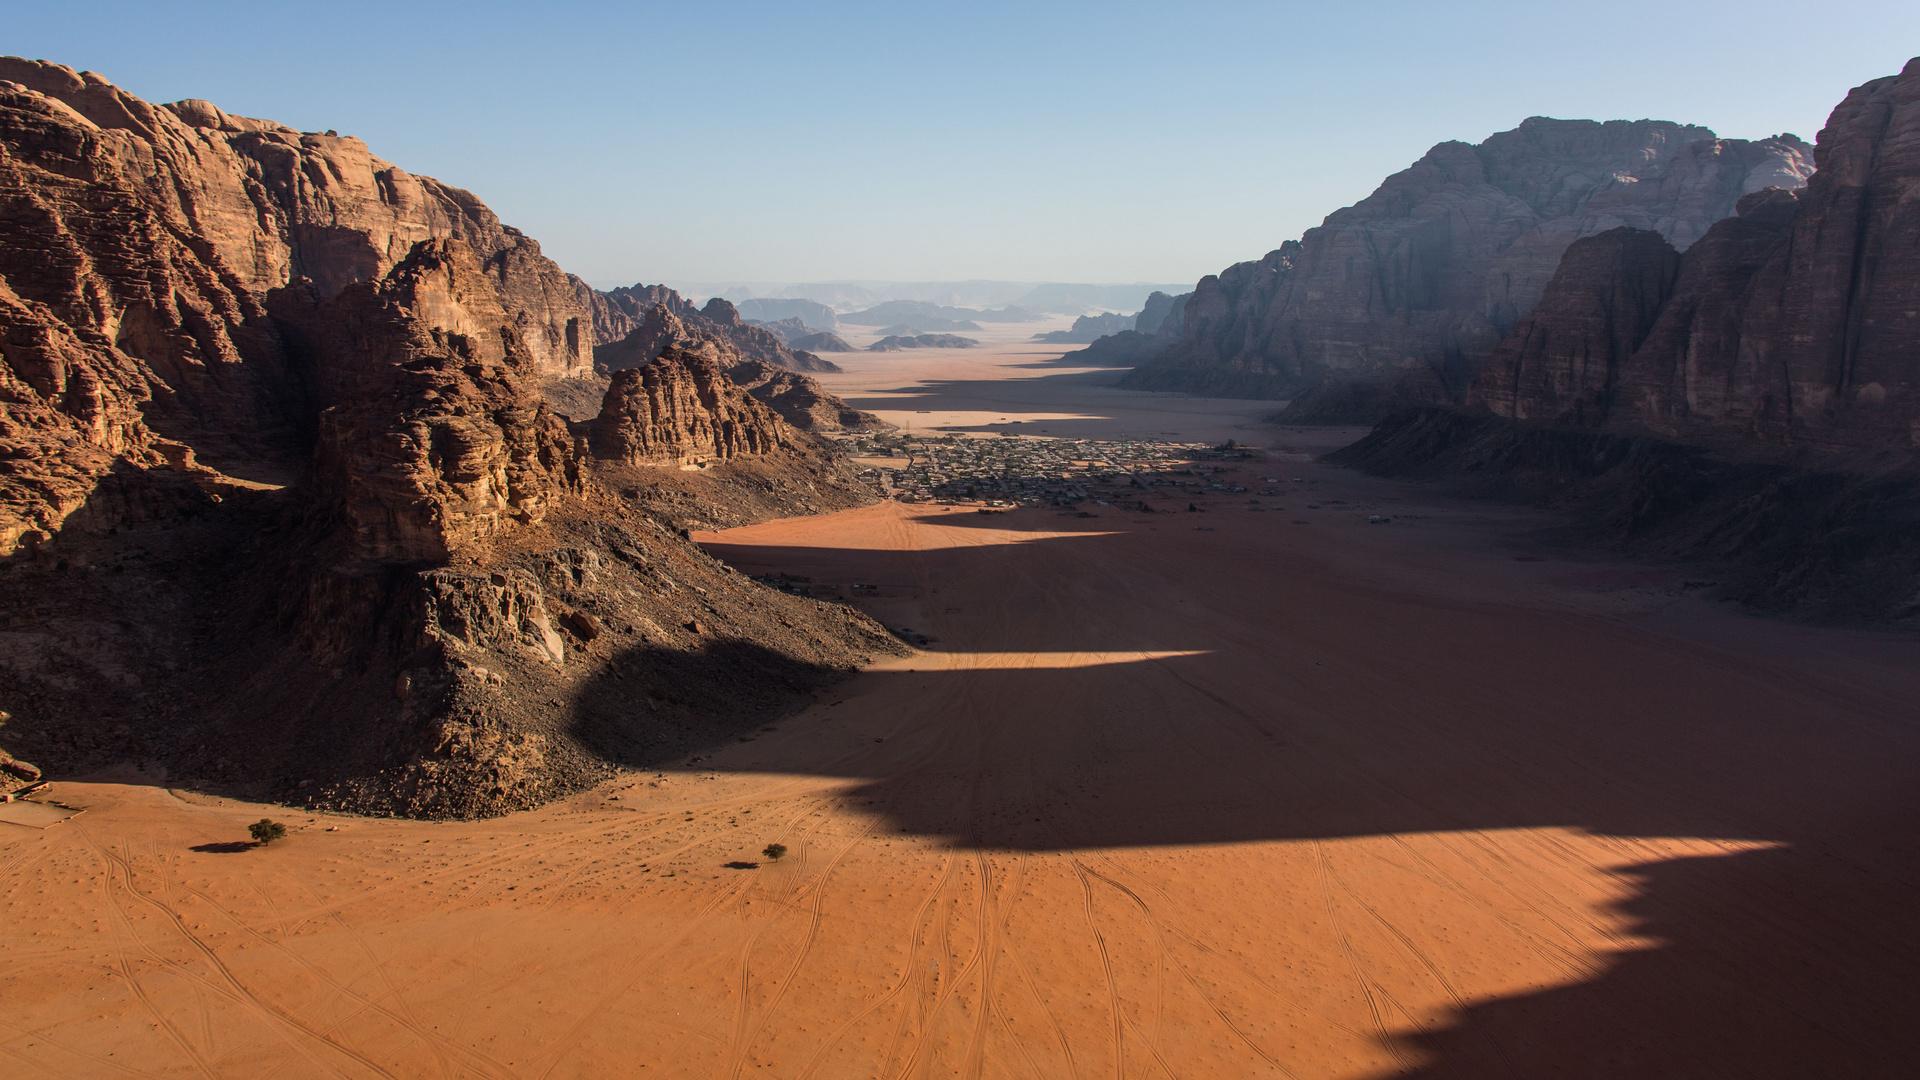 Survol de Wadi Rum, Jordanie.